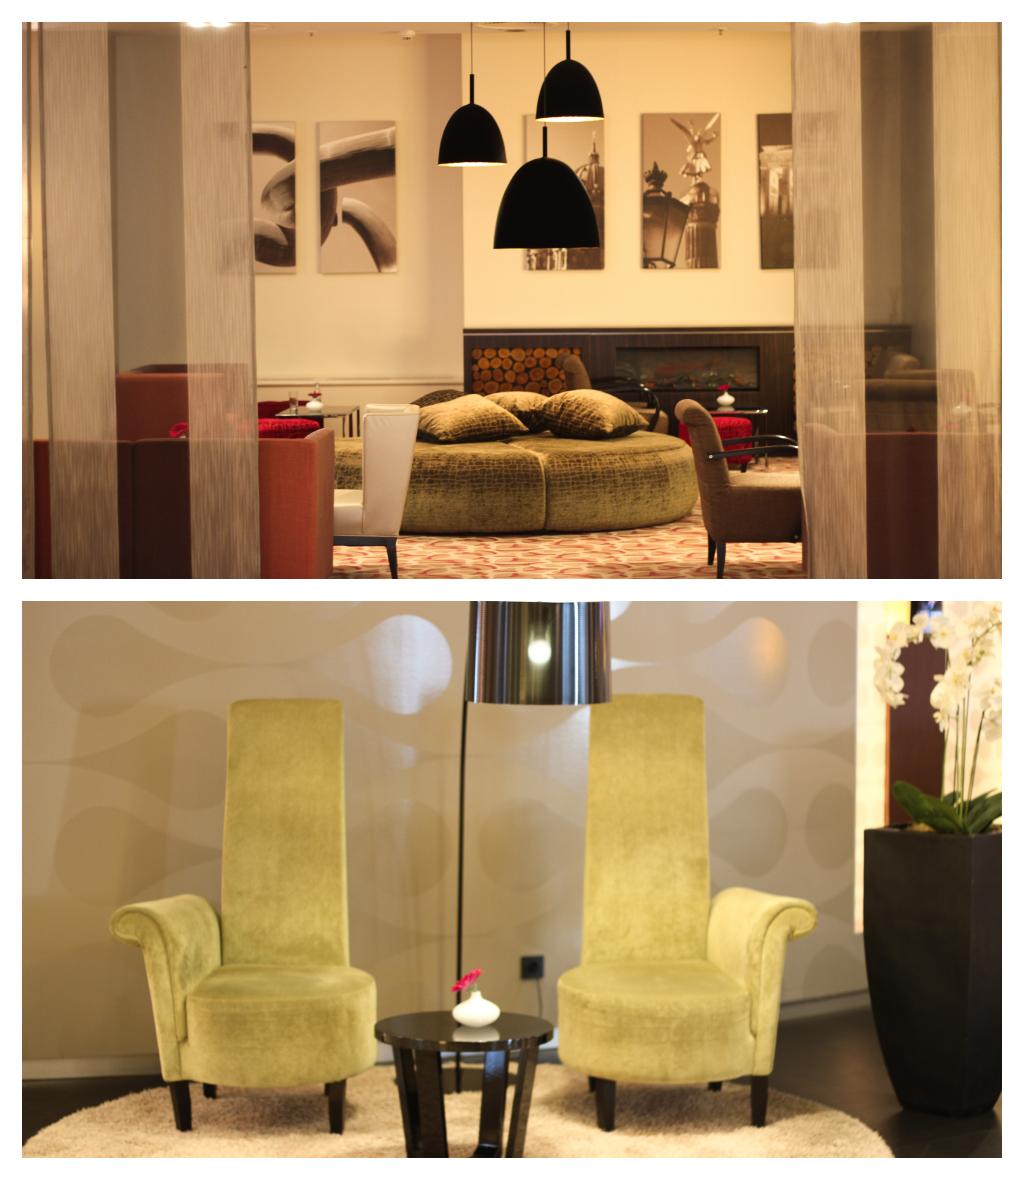 Crowne Plaza City Centre, Hotel, Hotelbericht, Reisebericht, Inneneinrichtung, modern